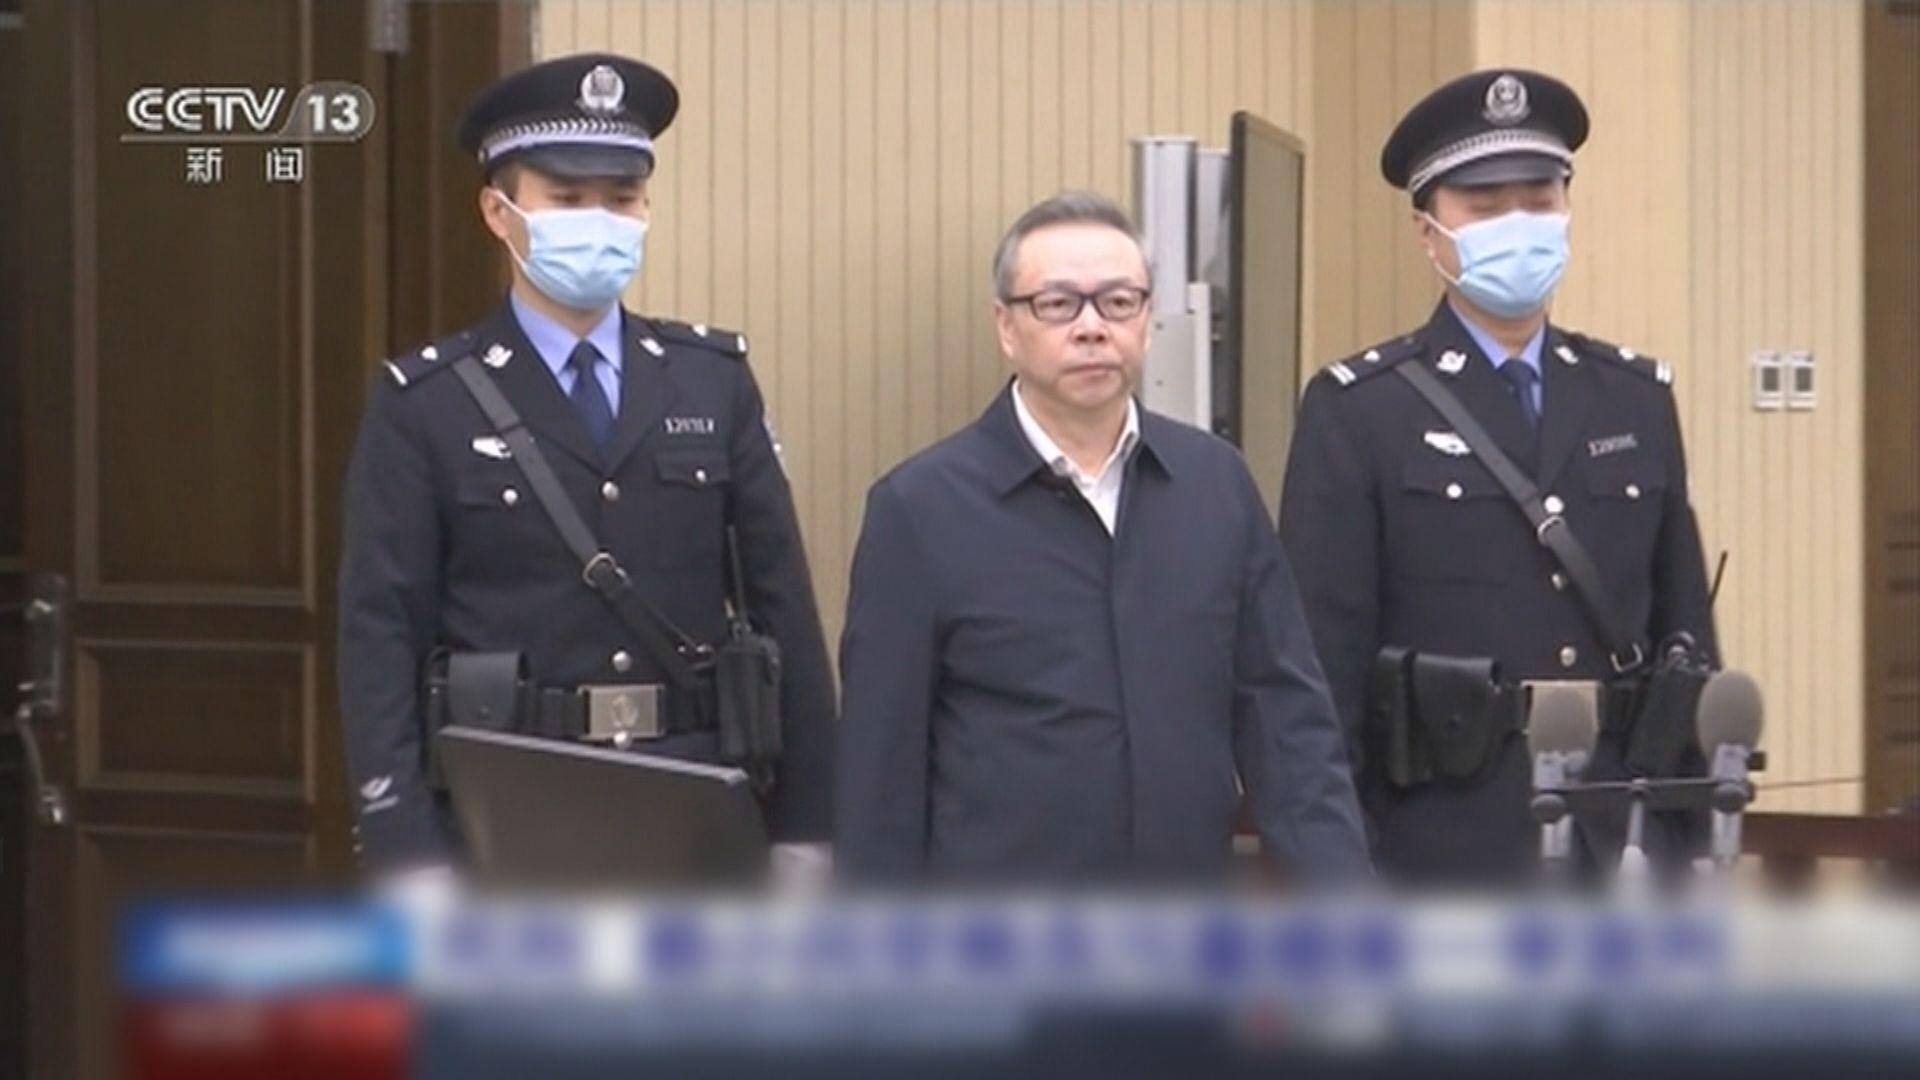 華融前董事長賴小民貪逾17億判死刑